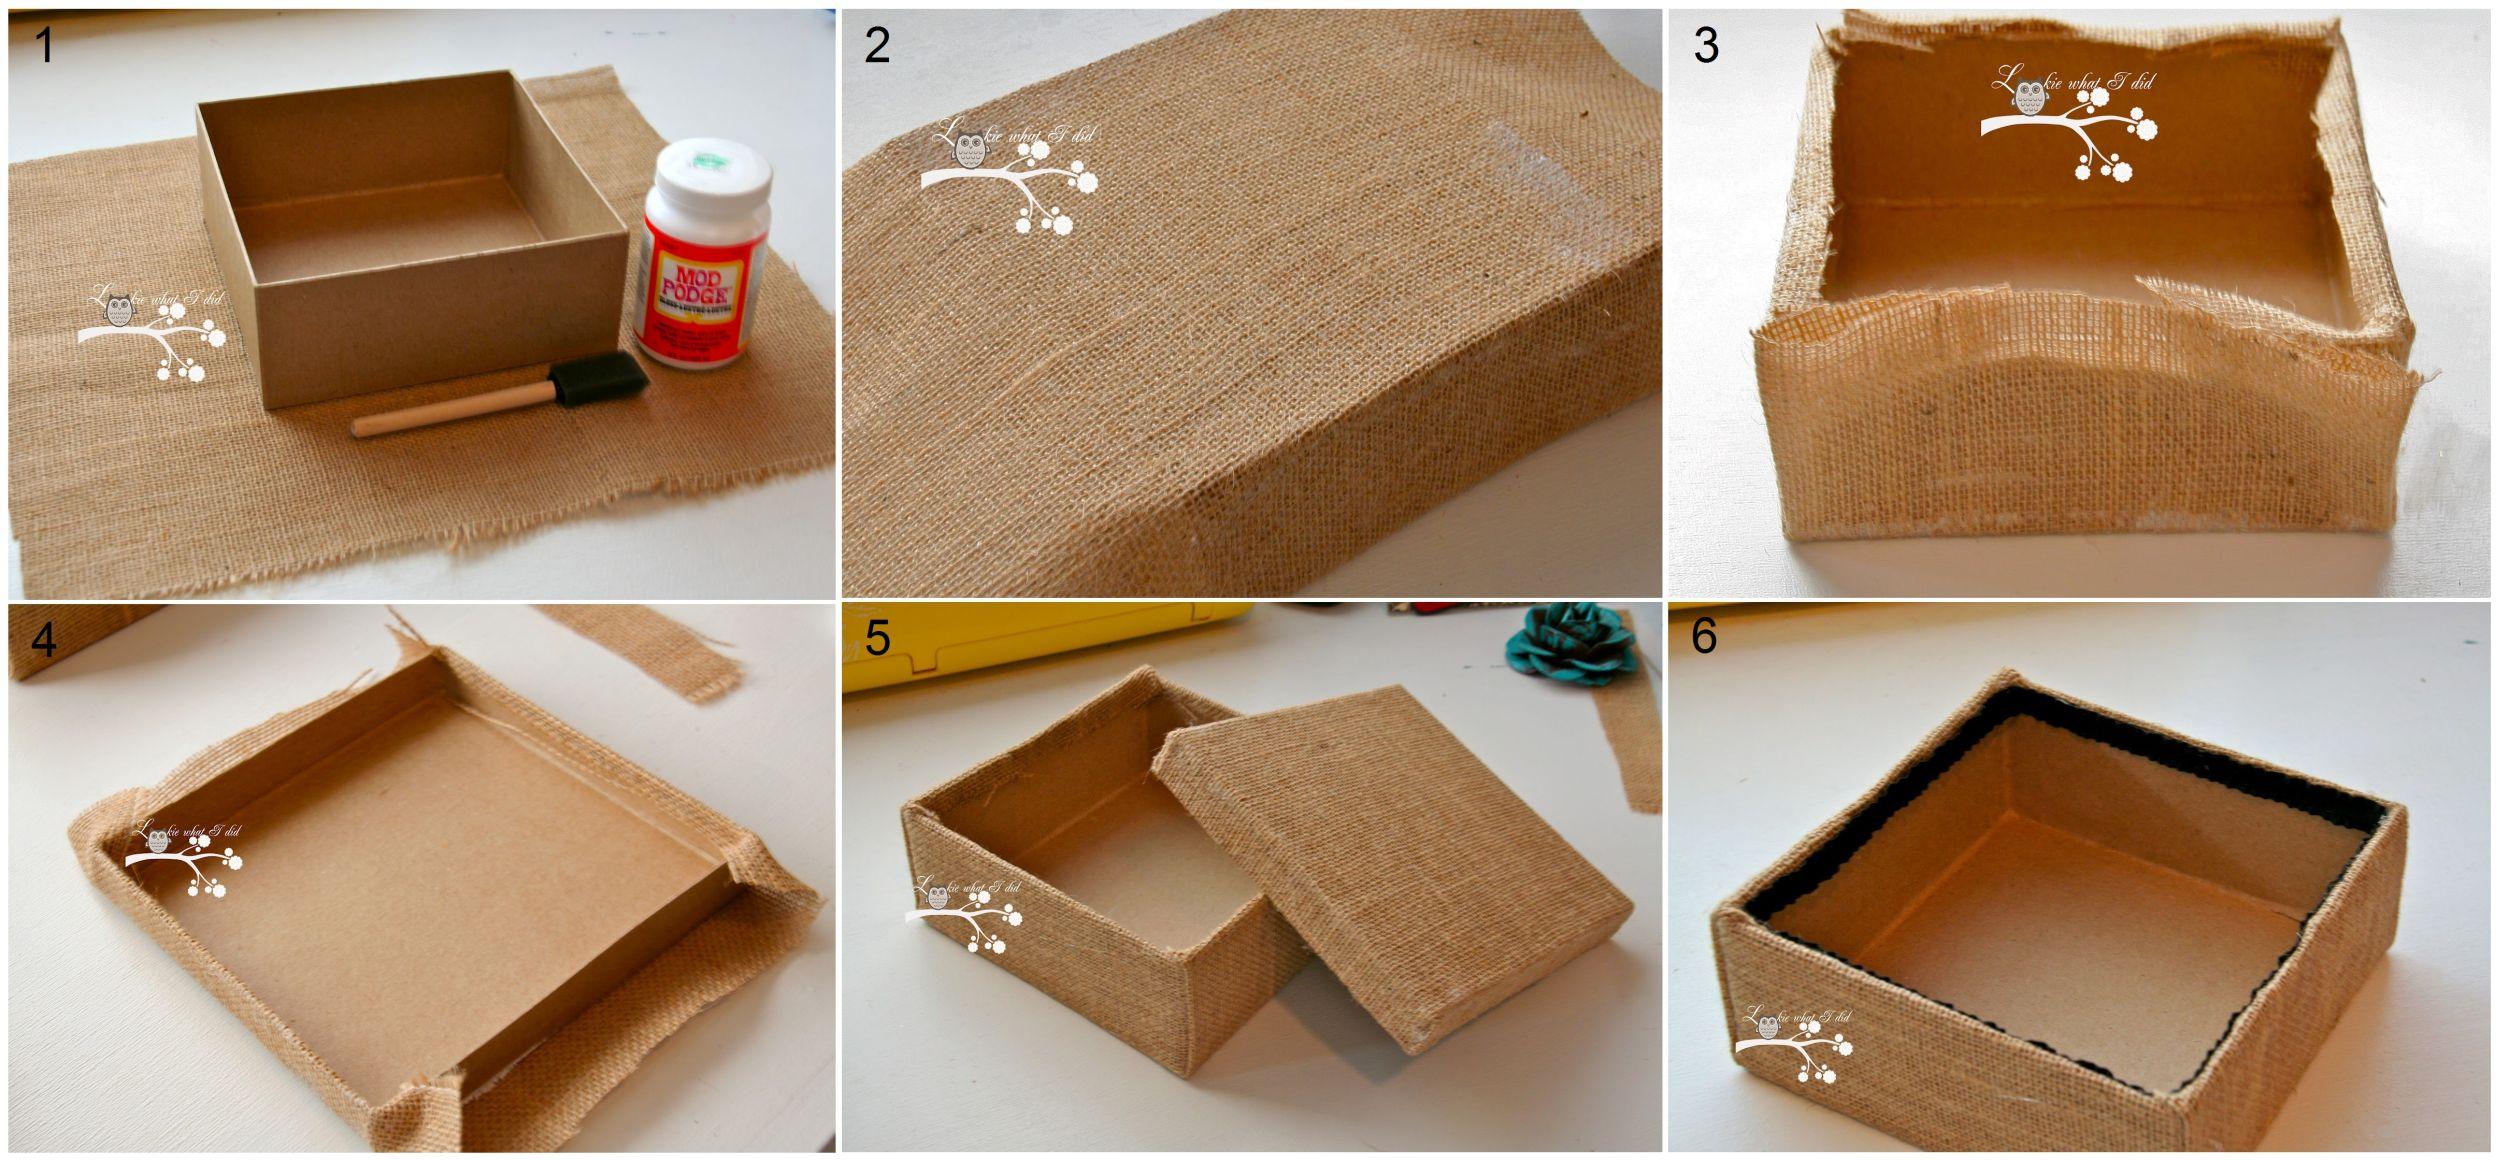 Как сделать ящики из картона своими руками